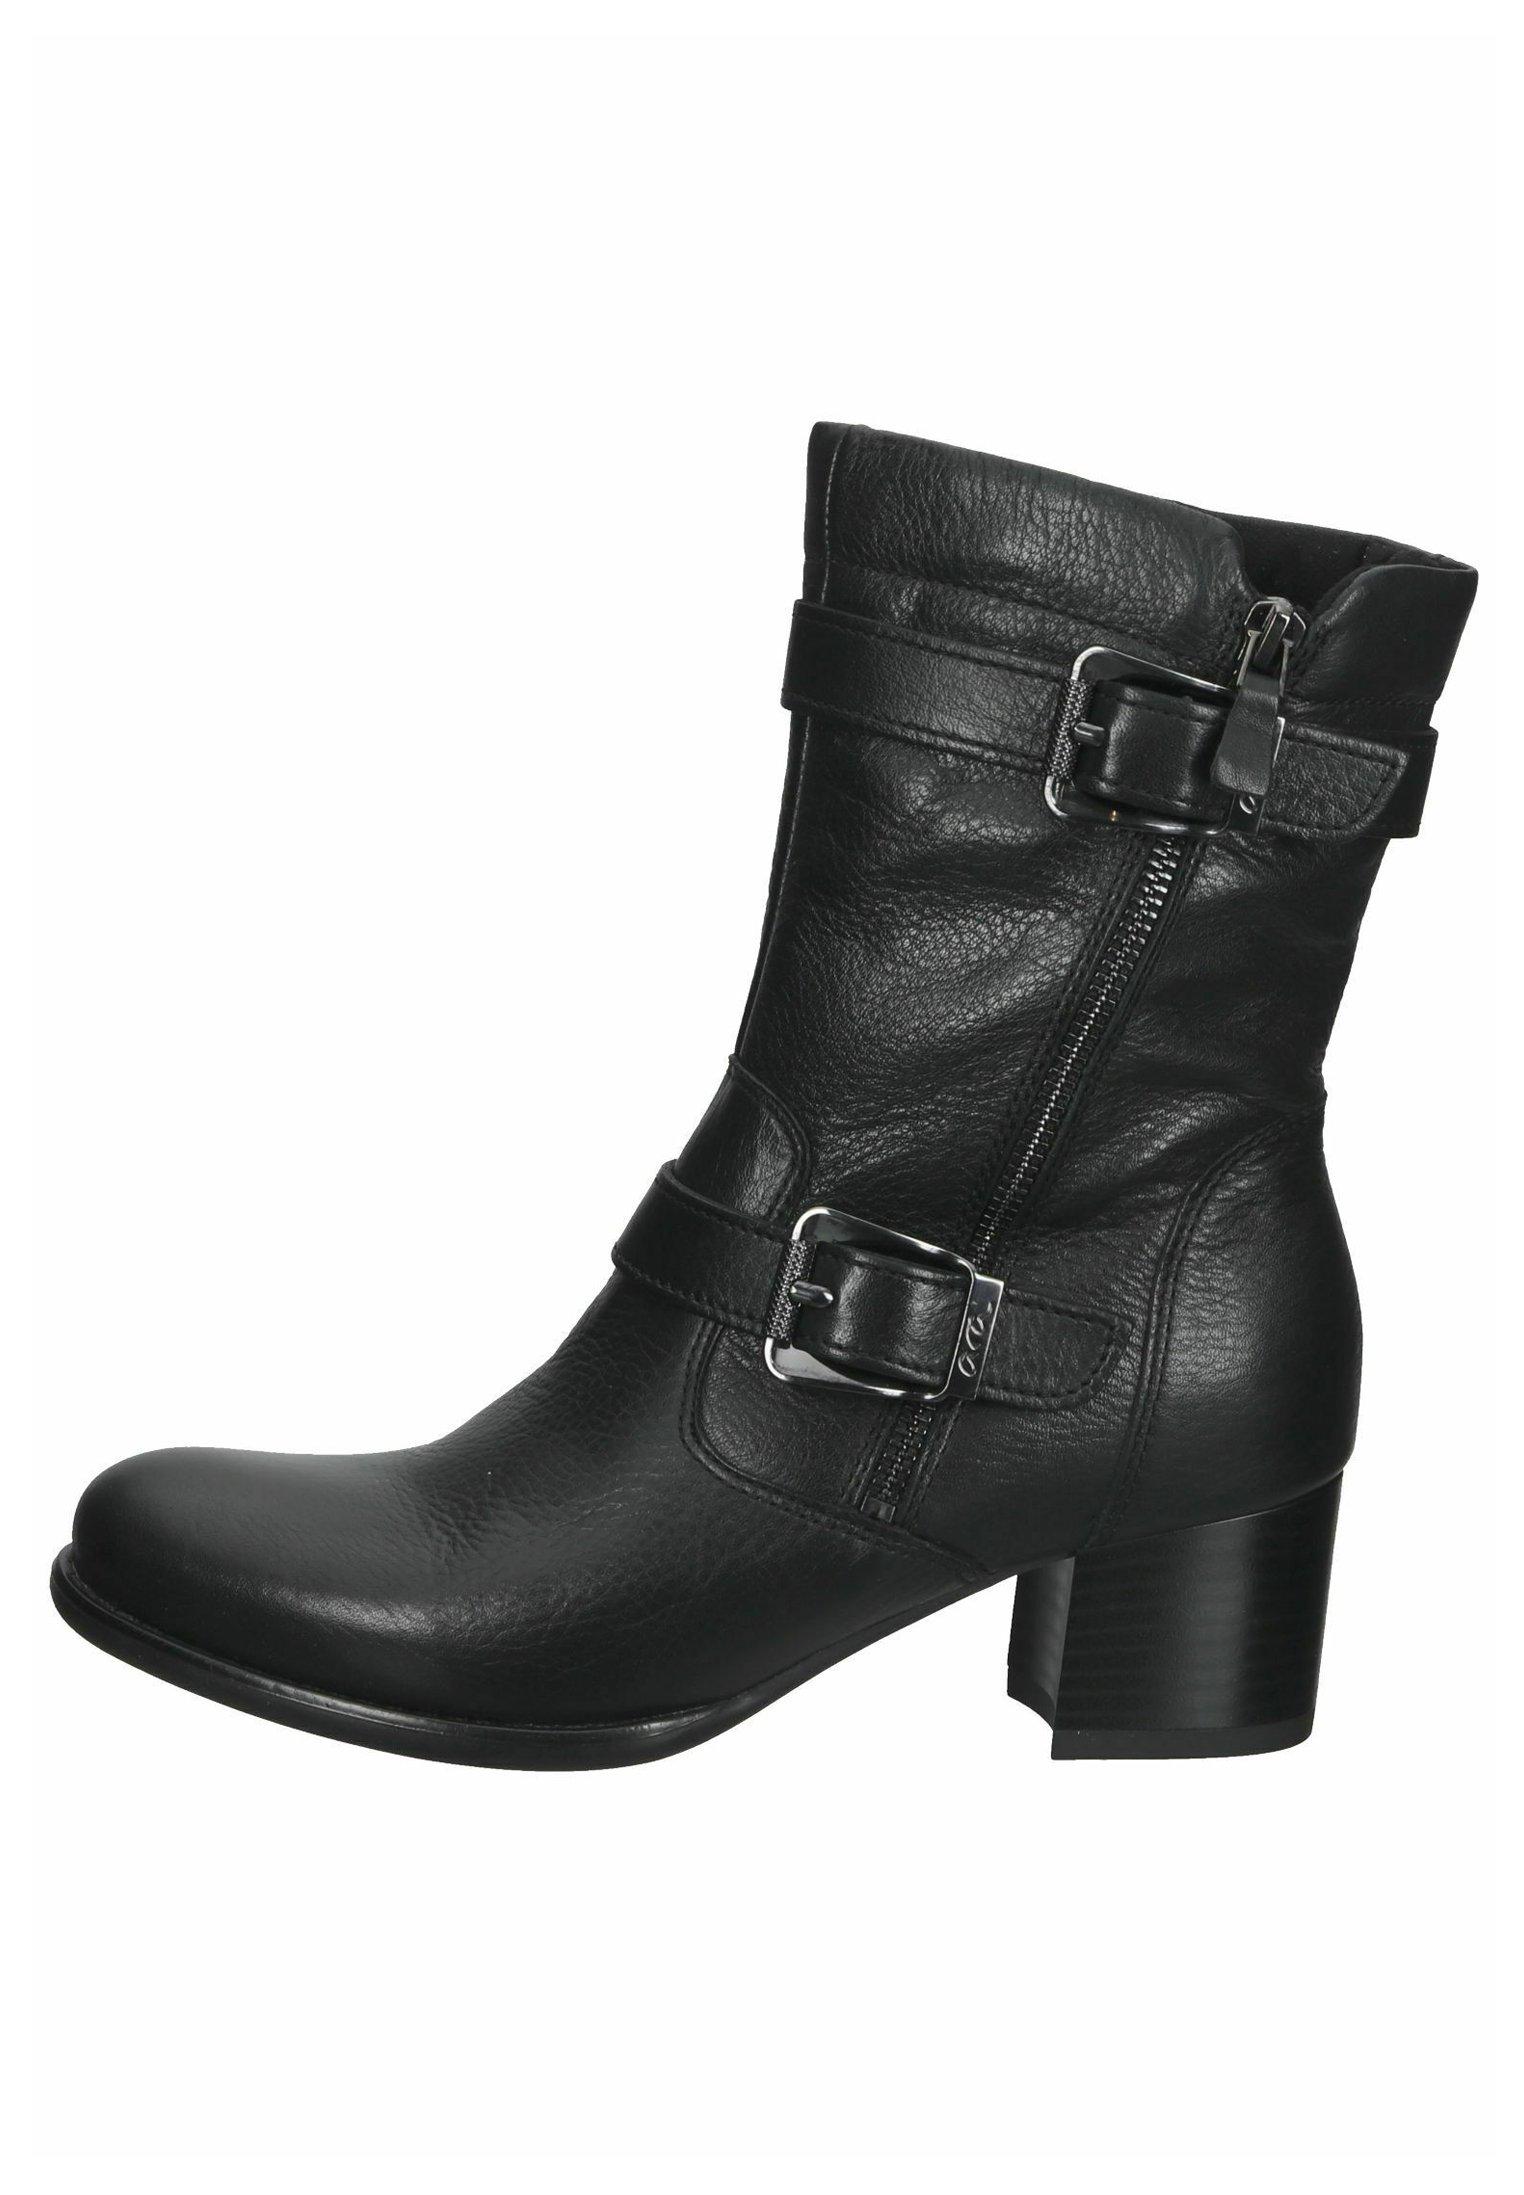 Damen Cowboy-/Bikerstiefelette - schwarz